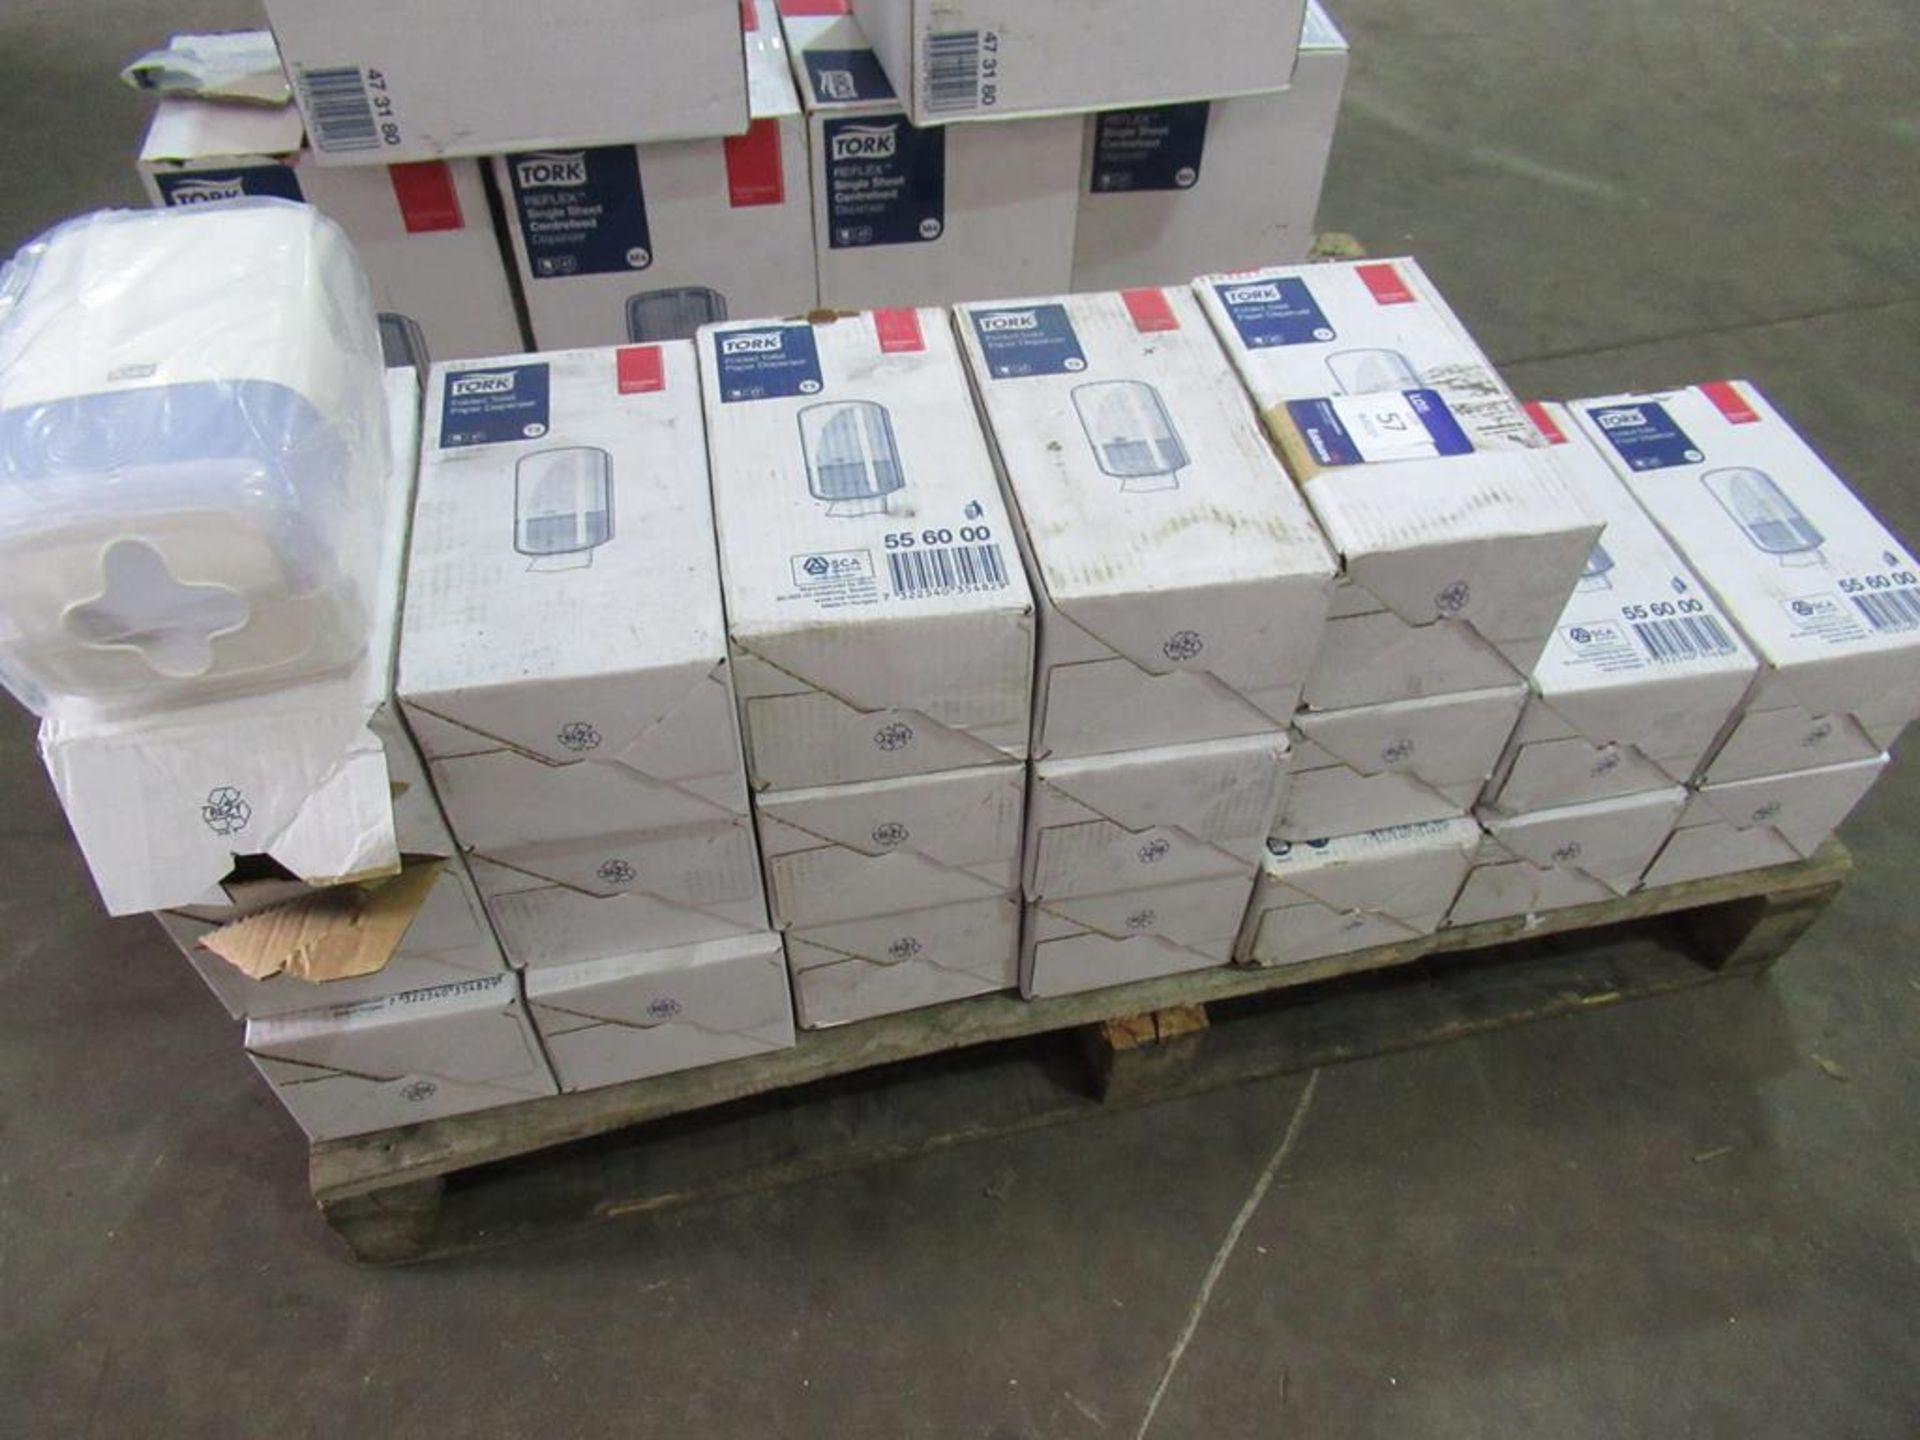 19 x Tork T3 New Folded Toilet Tissue Dispensers - Image 3 of 5